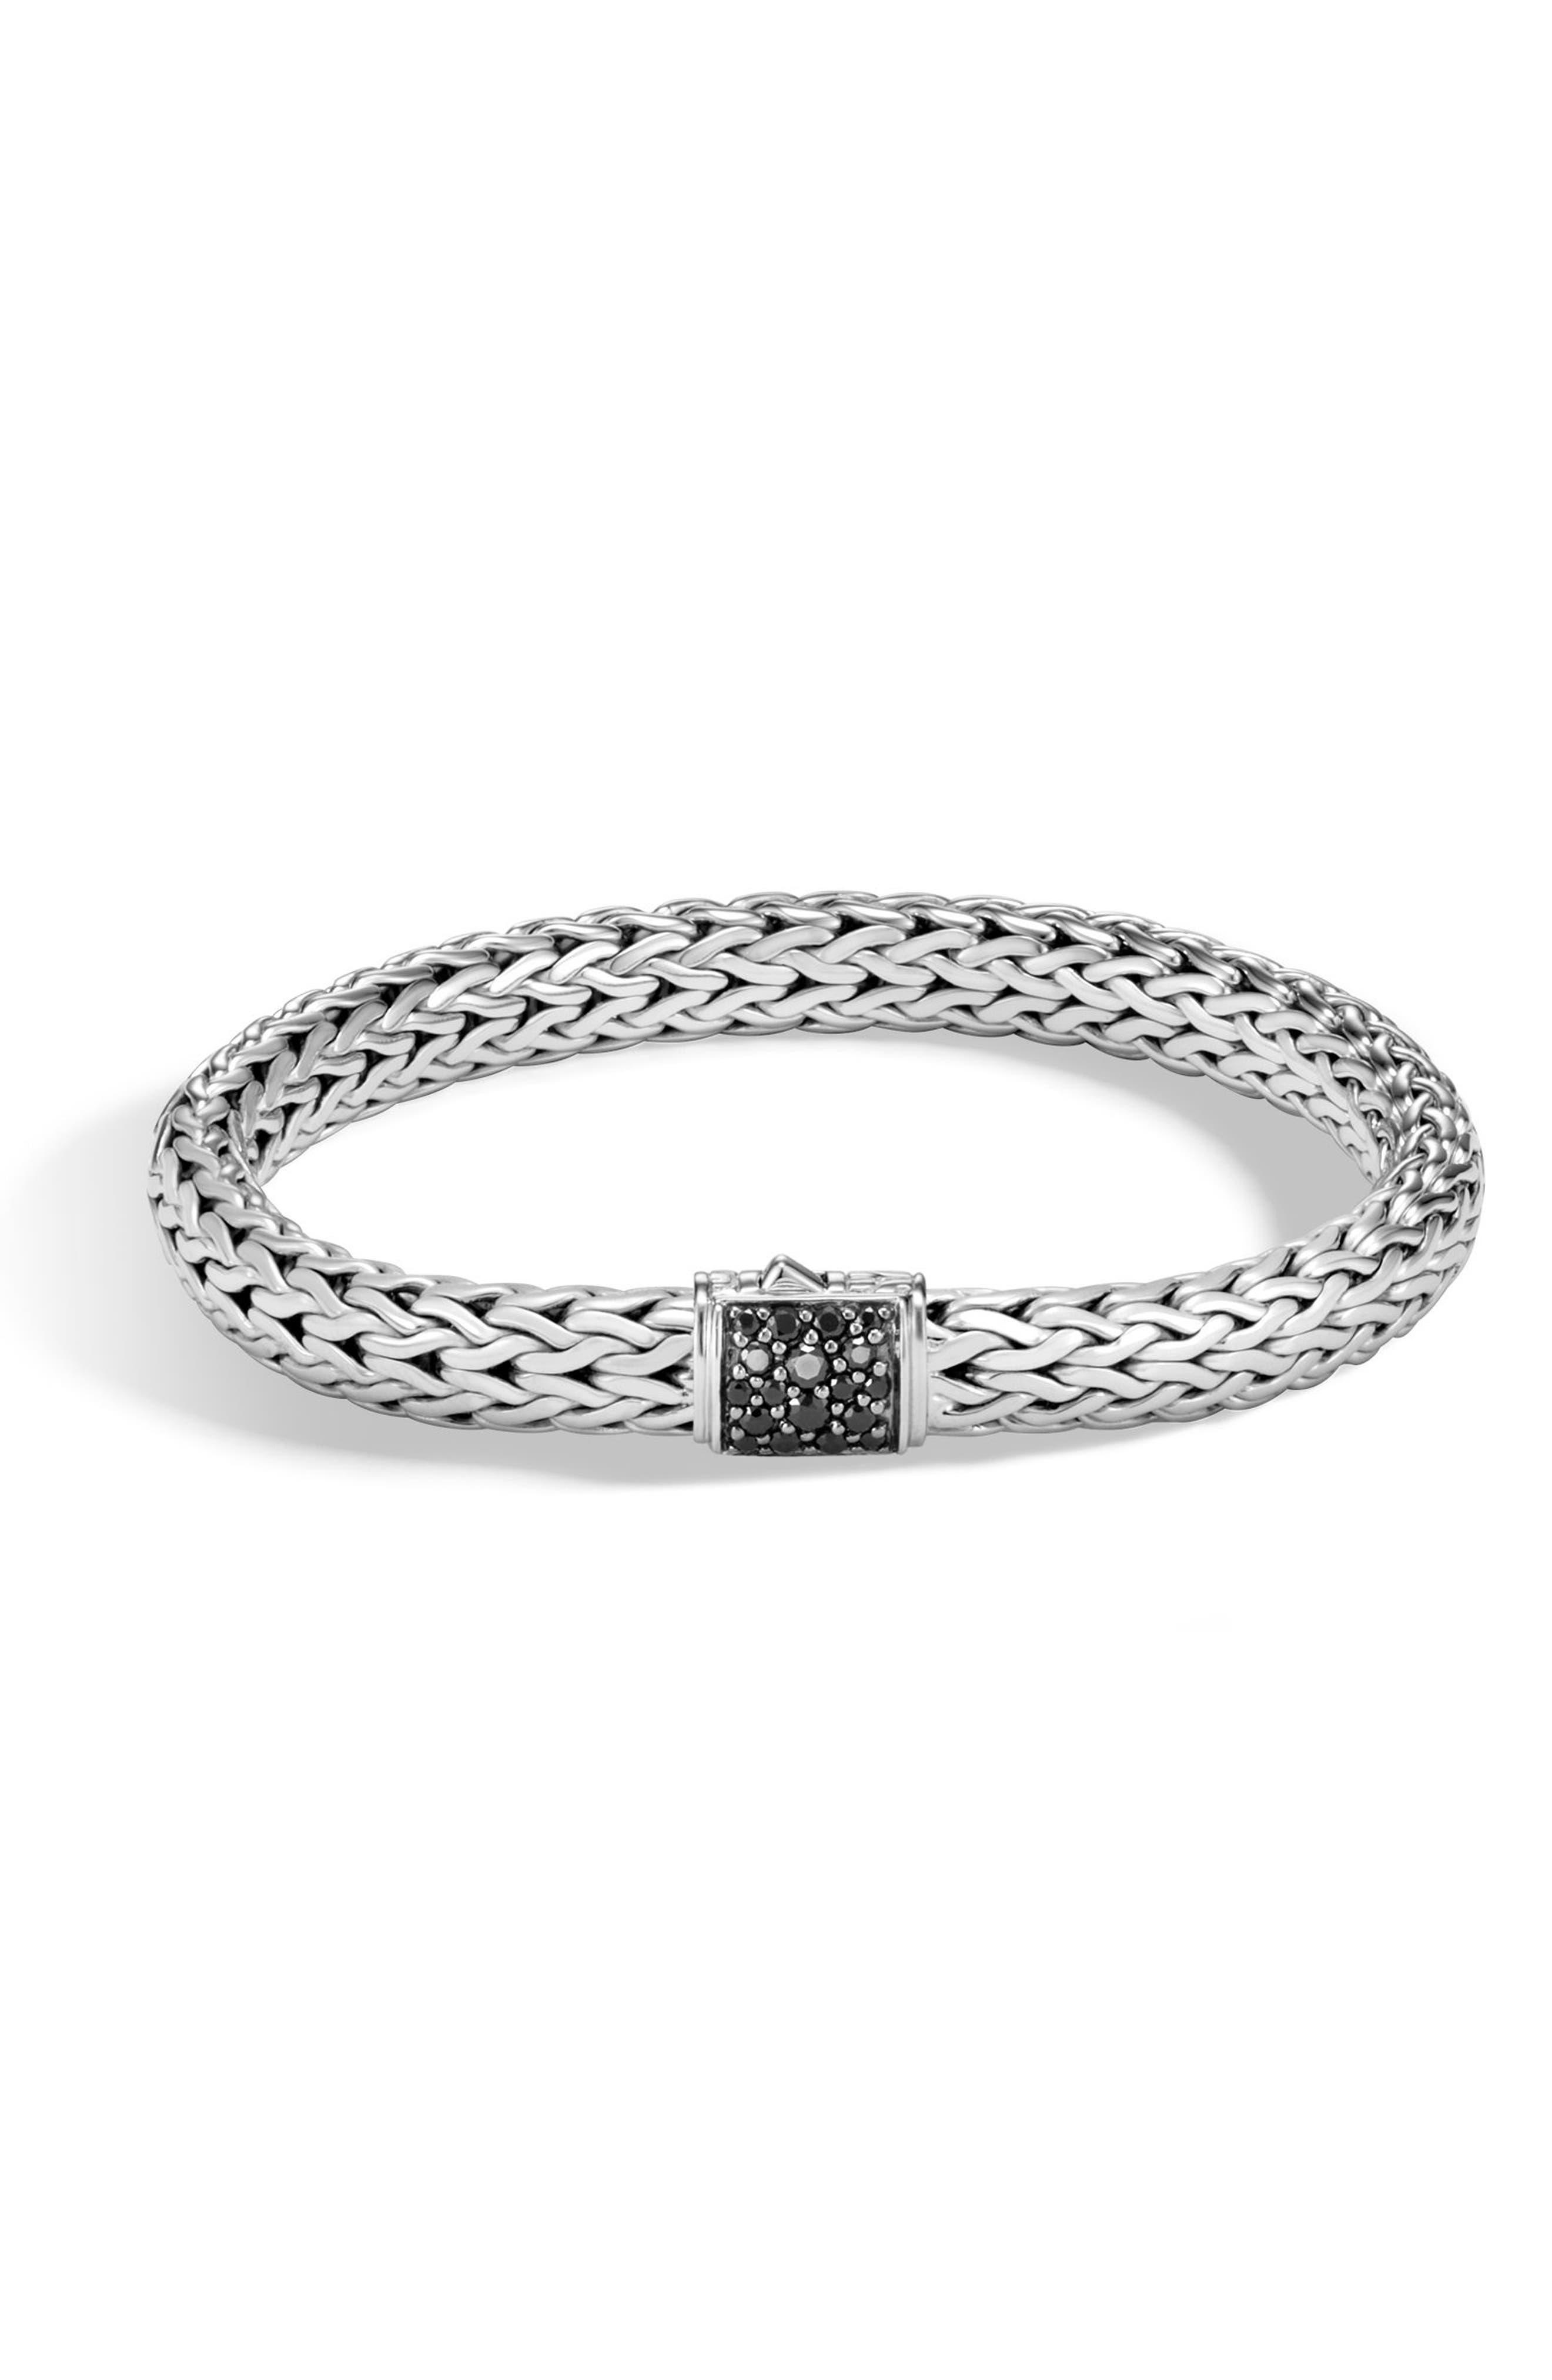 Men's Lava Square Chain Bracelet,                             Main thumbnail 1, color,                             SILVER/ BLACK SAPPHIRE